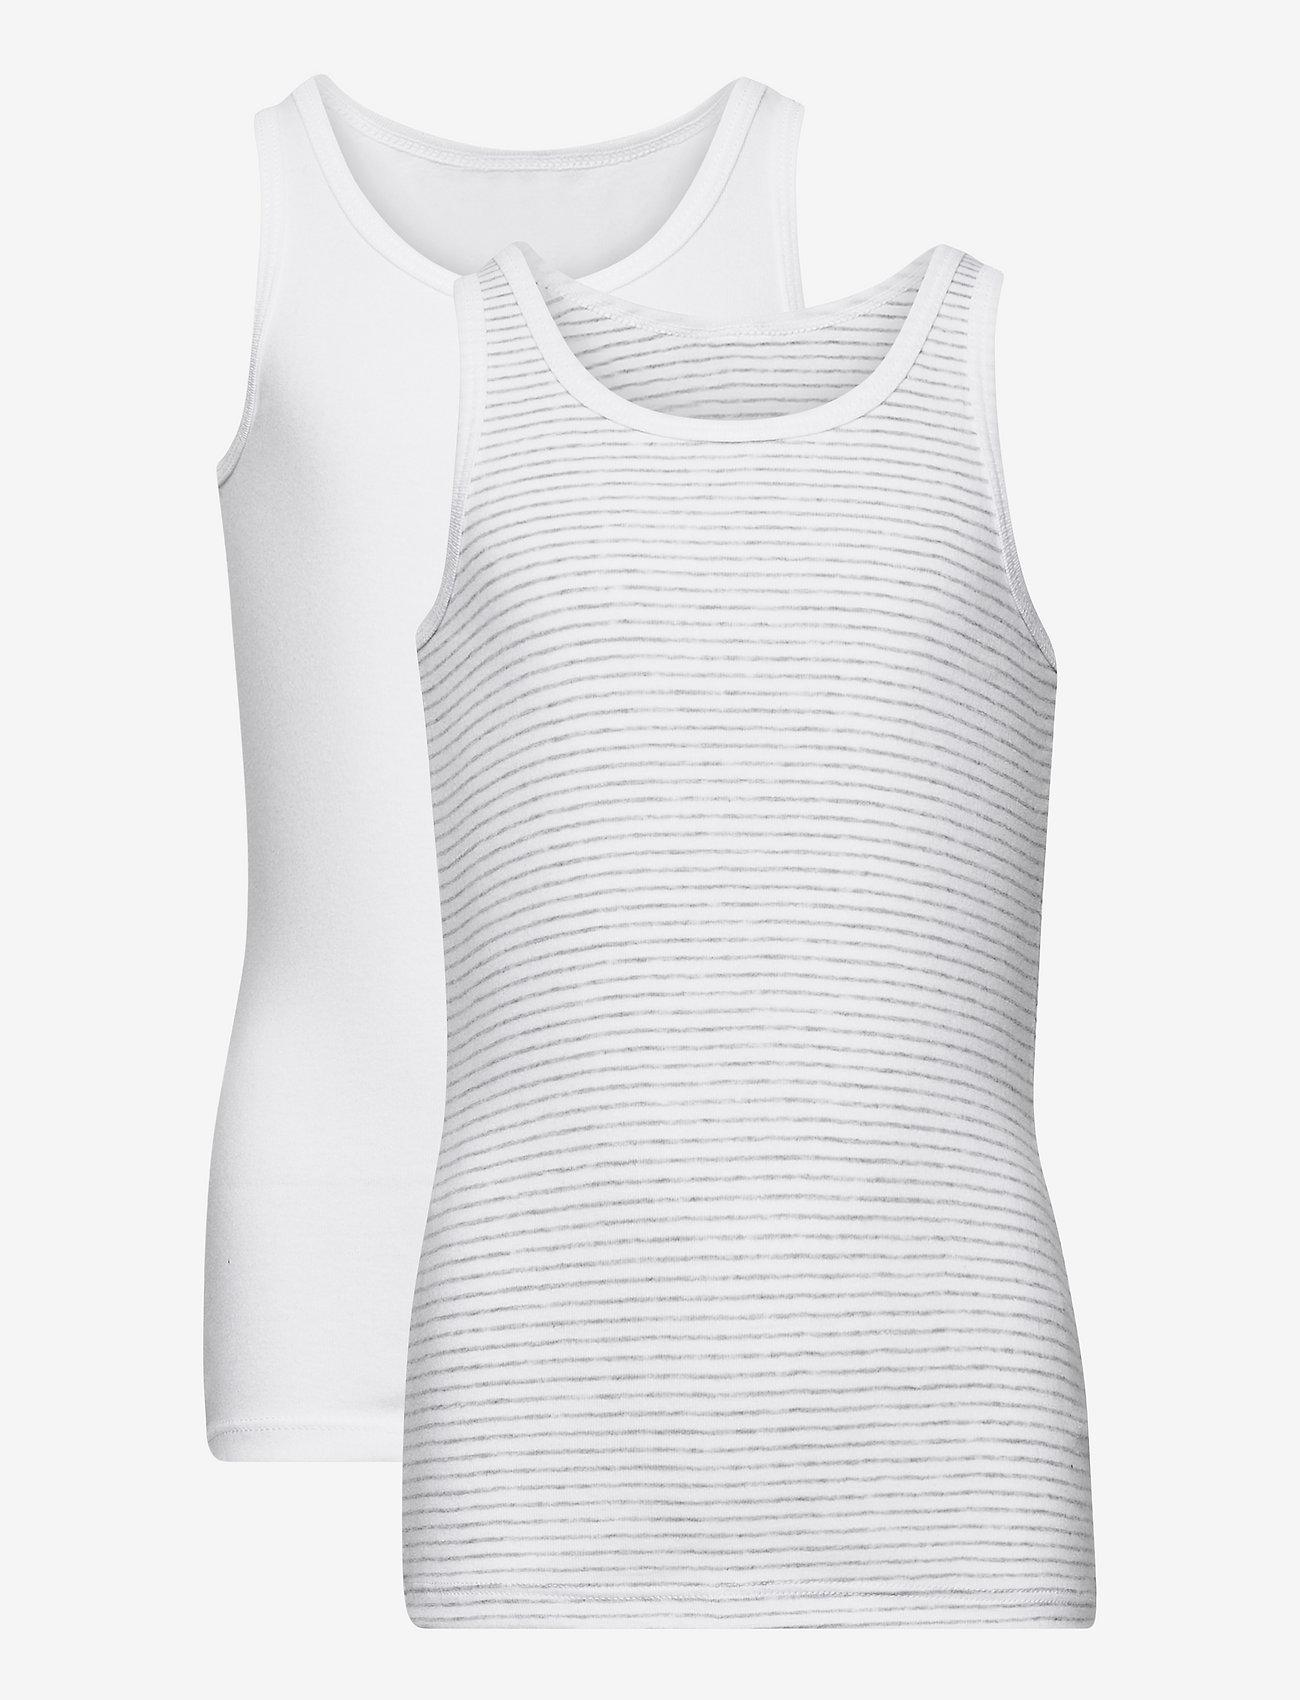 Schiesser - Shirt 0/0 - Ärmellose - assorted 5 - 0